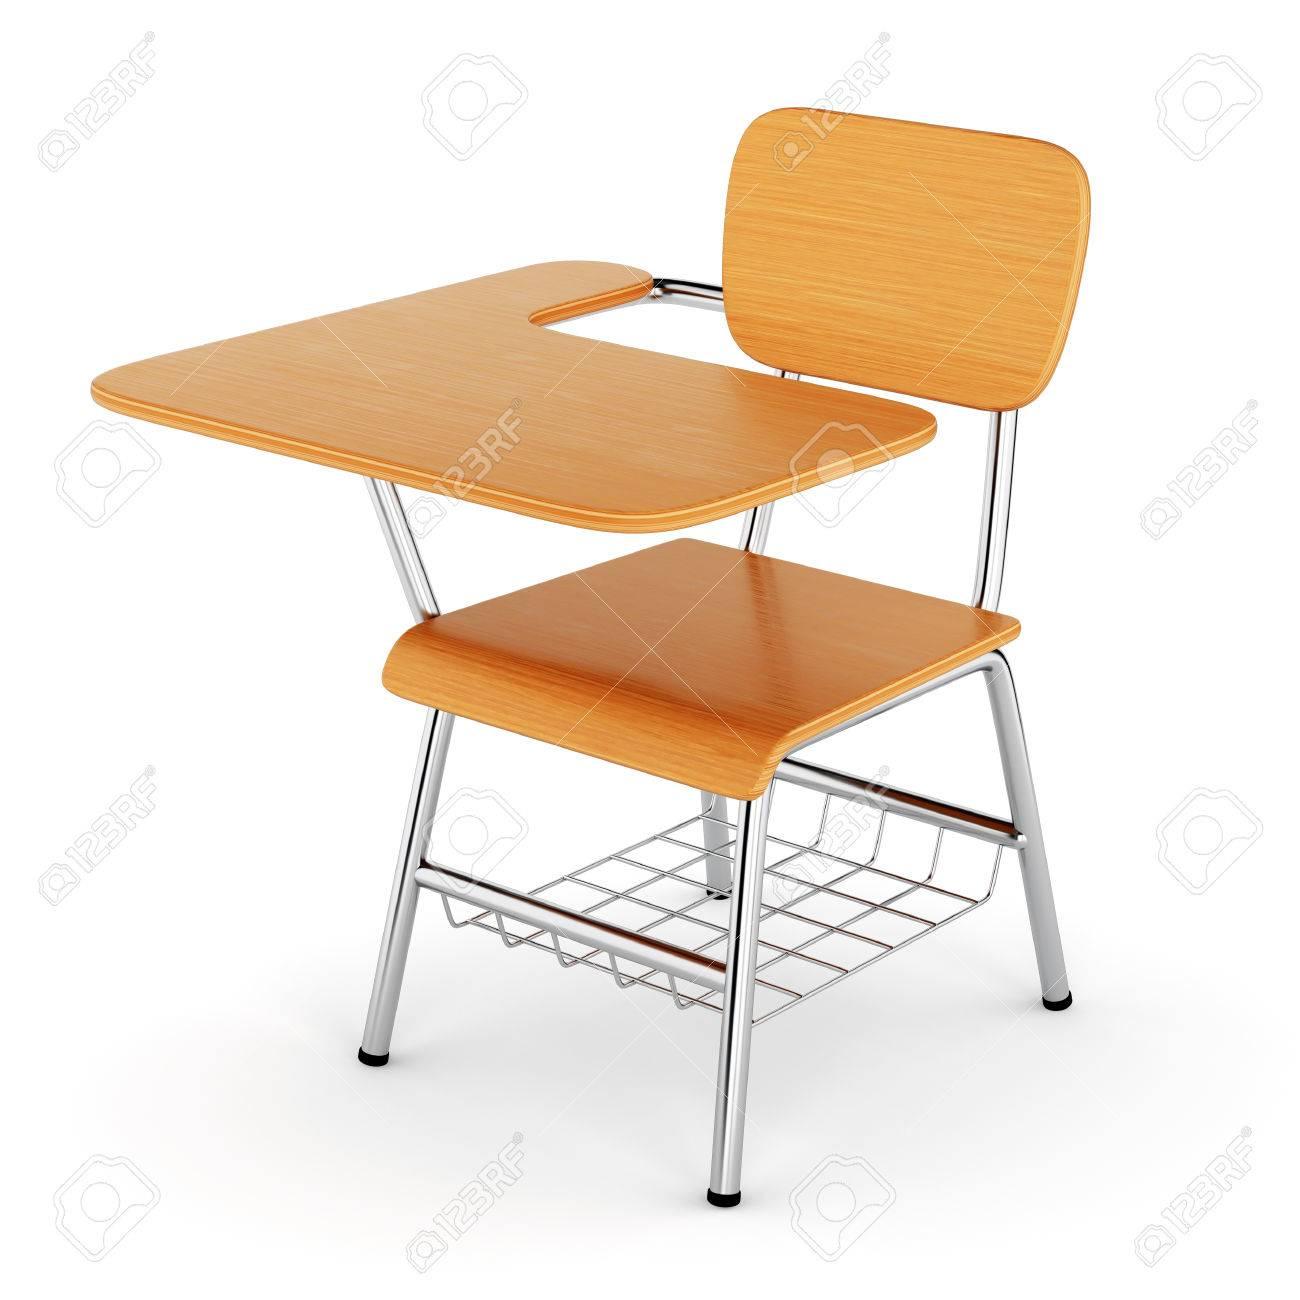 Stuhl schule  Schule Schreibtisch Mit Stuhl Isoliert Auf Weißem Hintergrund. 3D ...